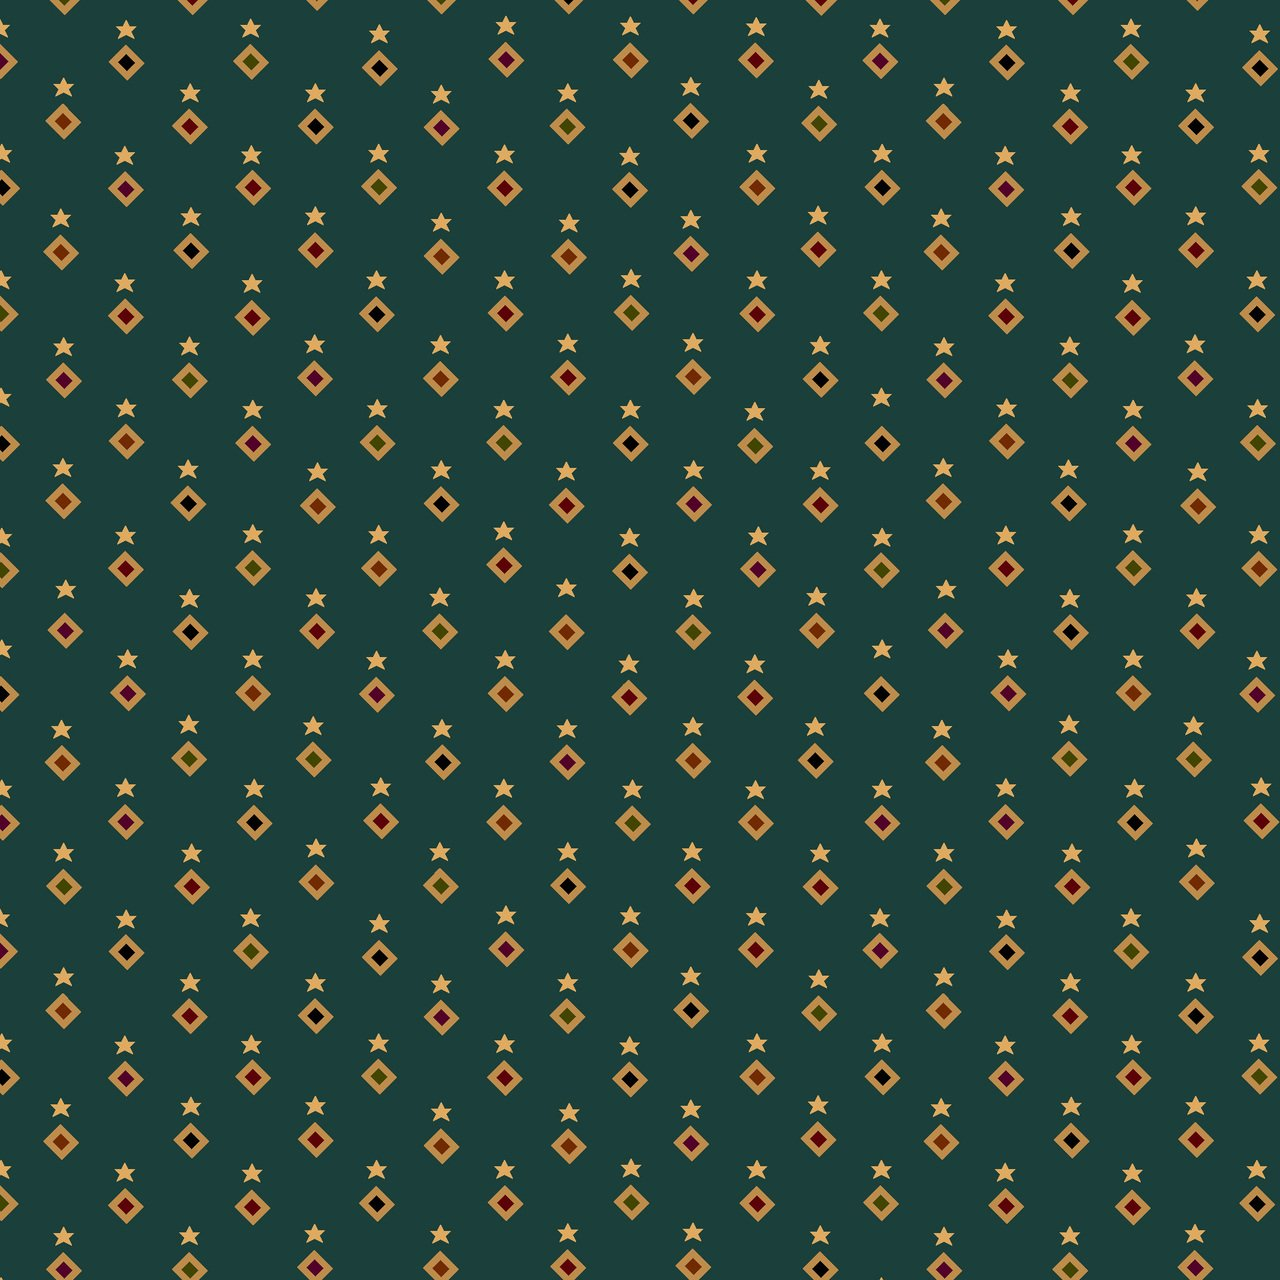 Liberty Star Q-1577-11 Teal Stars & Diamonds by Kim Diehl